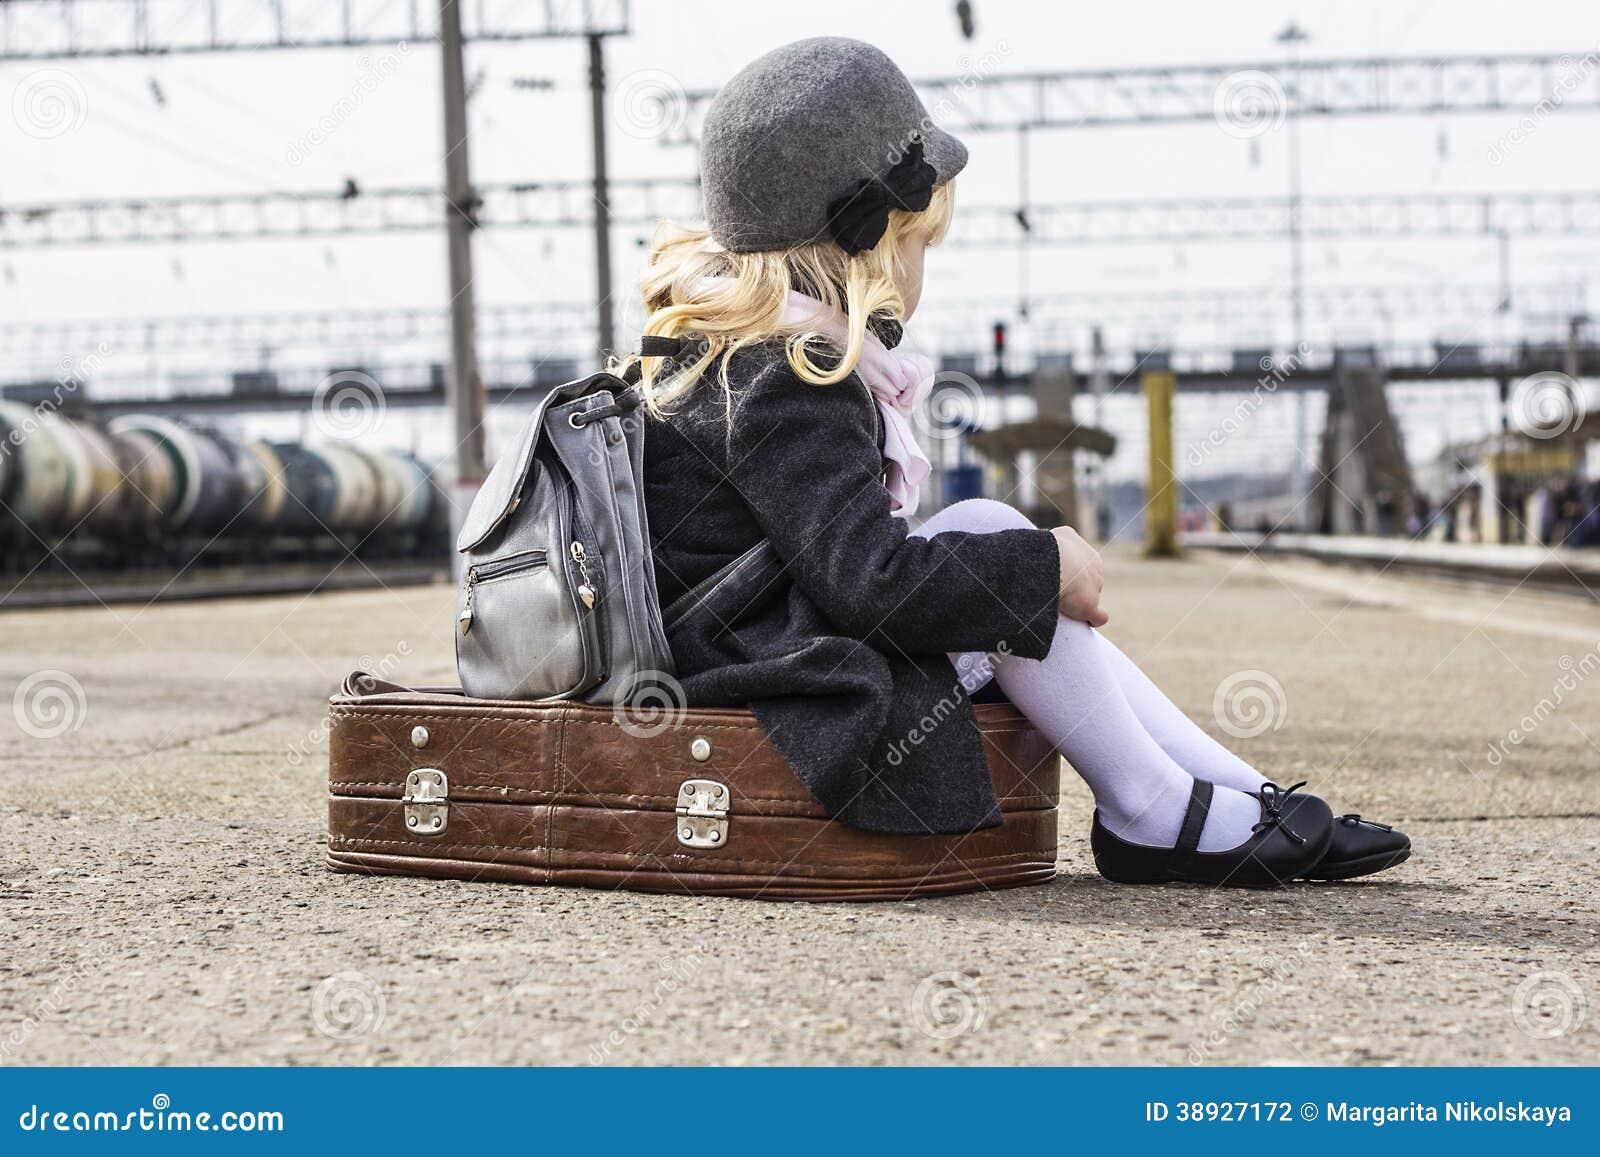 Пикаперы с девушкой на вокзале скачать бесплатно фото 618-833